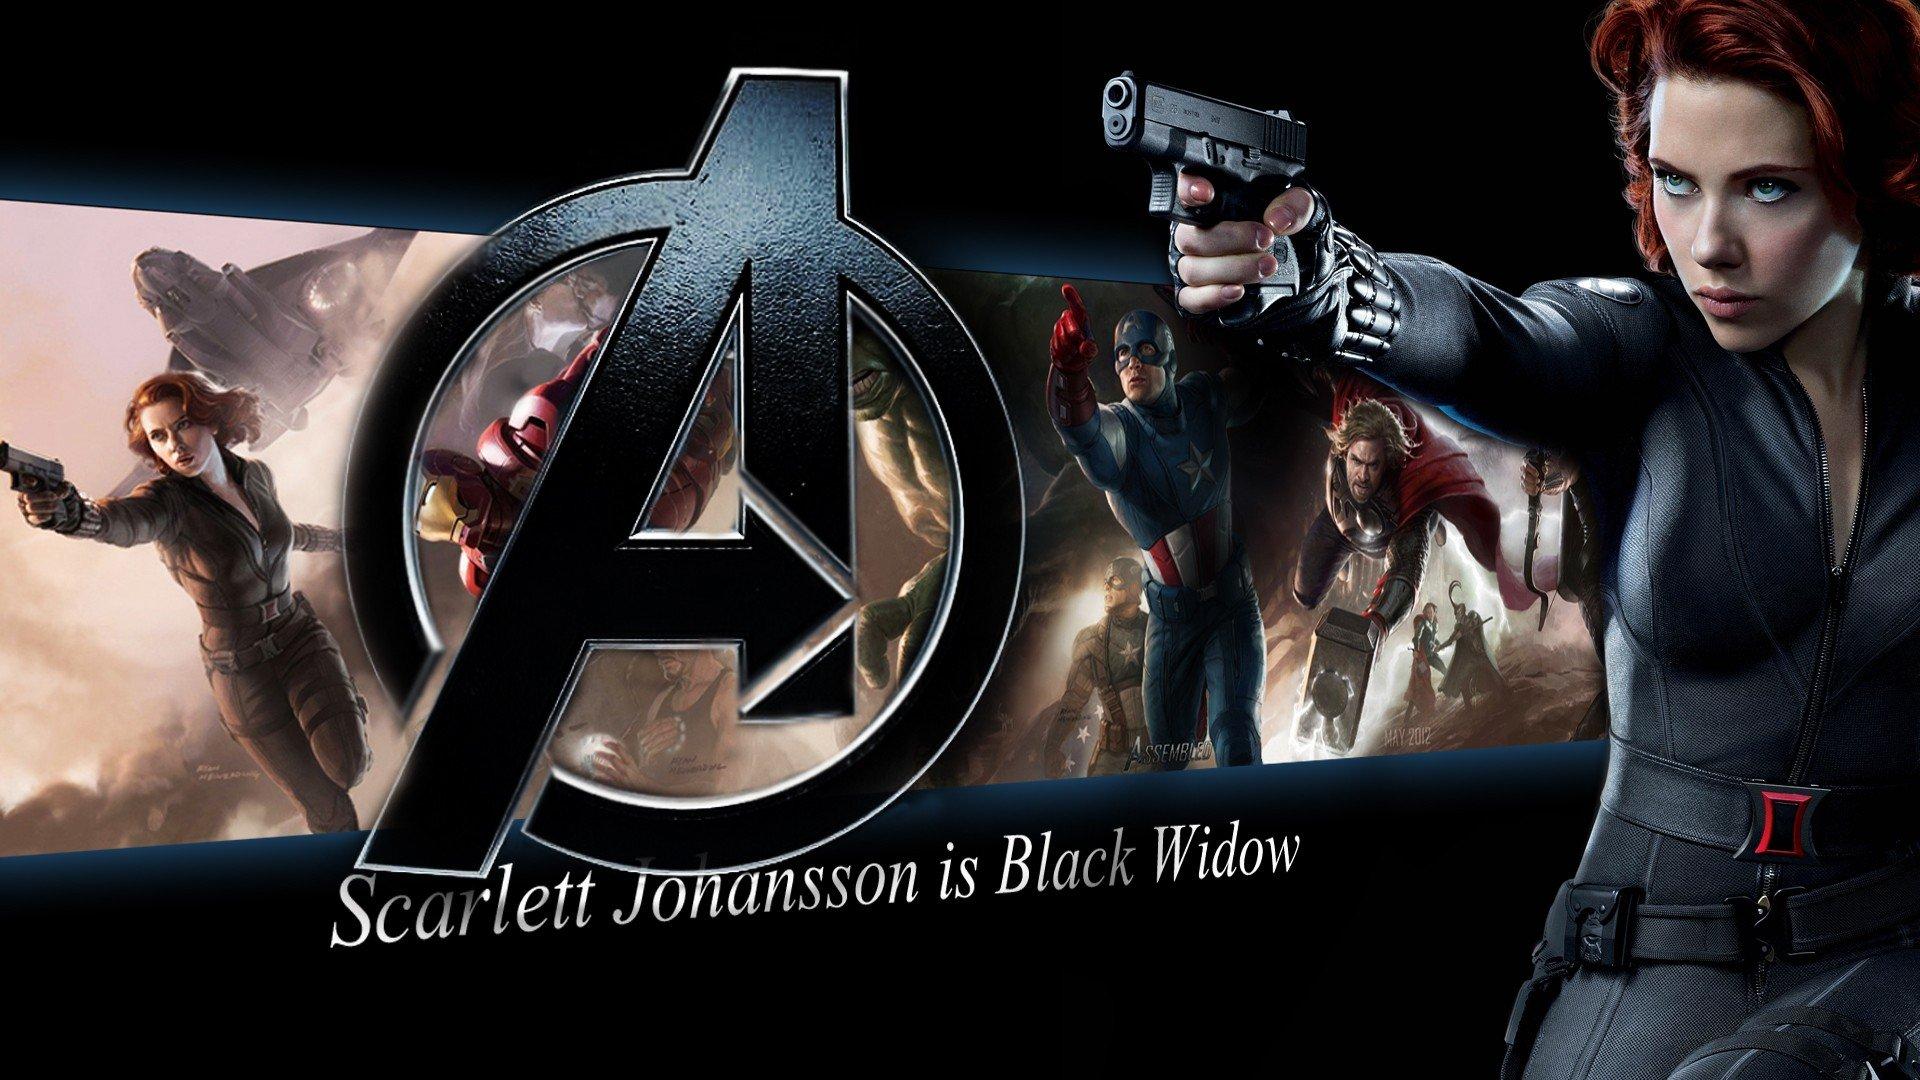 Black Widow   The Avengers Wallpaper 29518243 1920x1080